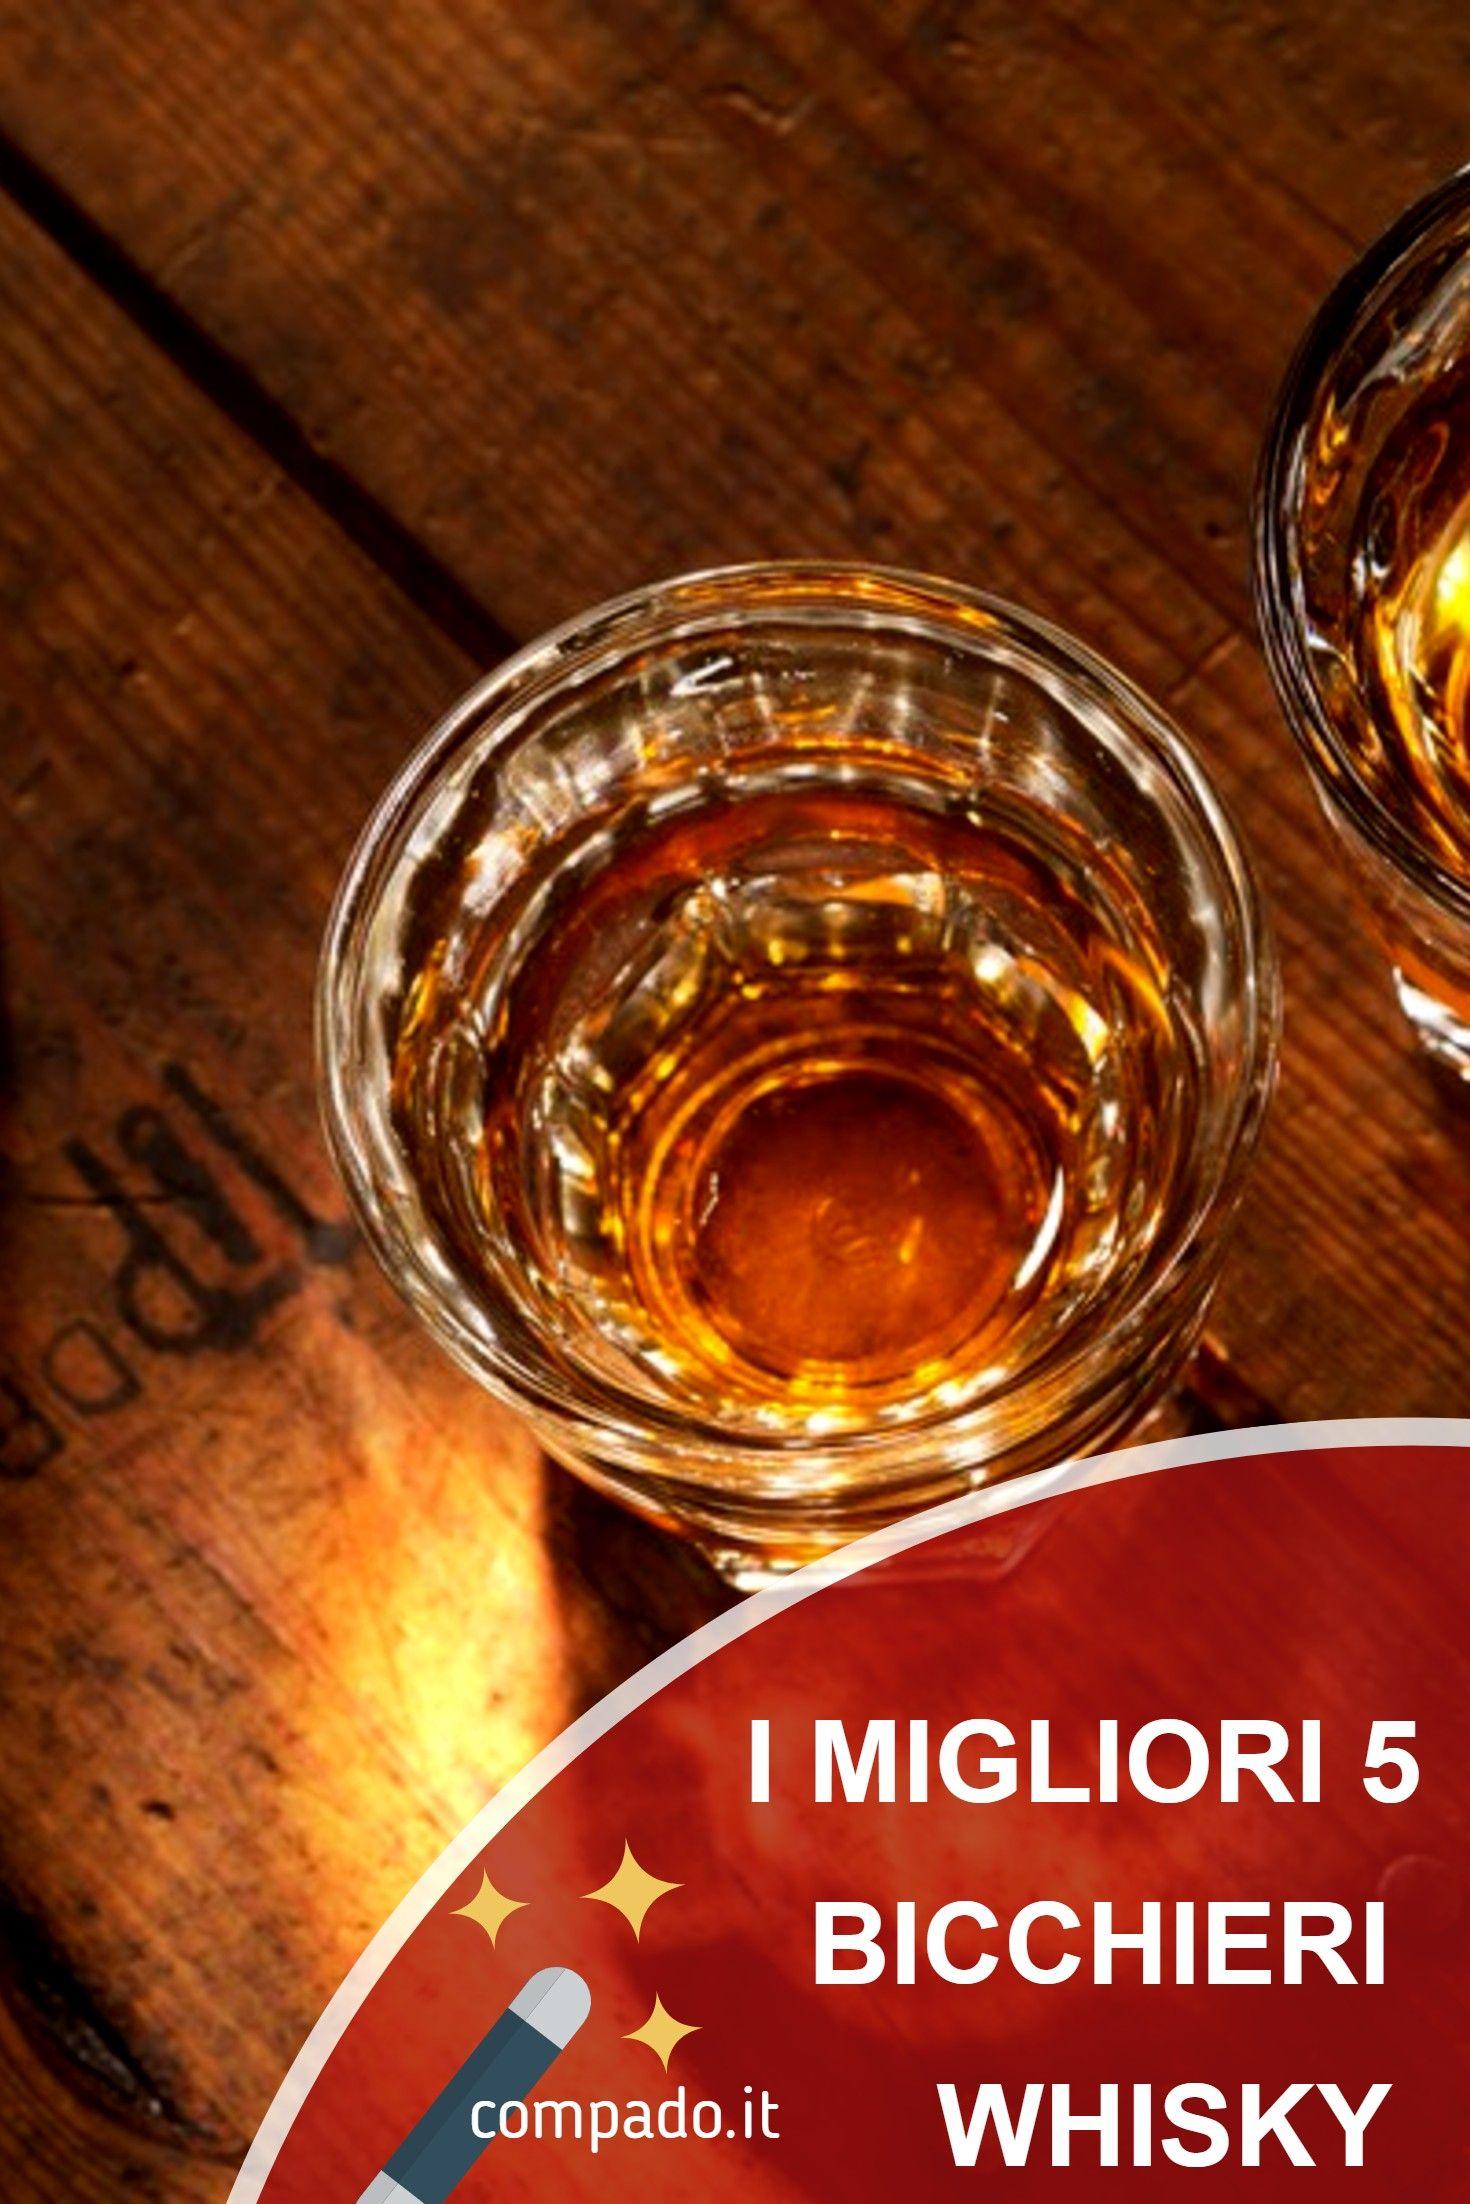 Dai un'occhiata al nostro sito e ai nostri suggerimenti, ti aiutiamo a individuare il miglior set di bicchieri da whisky, indispensabile nell'angolo bar di casa🍸🥃